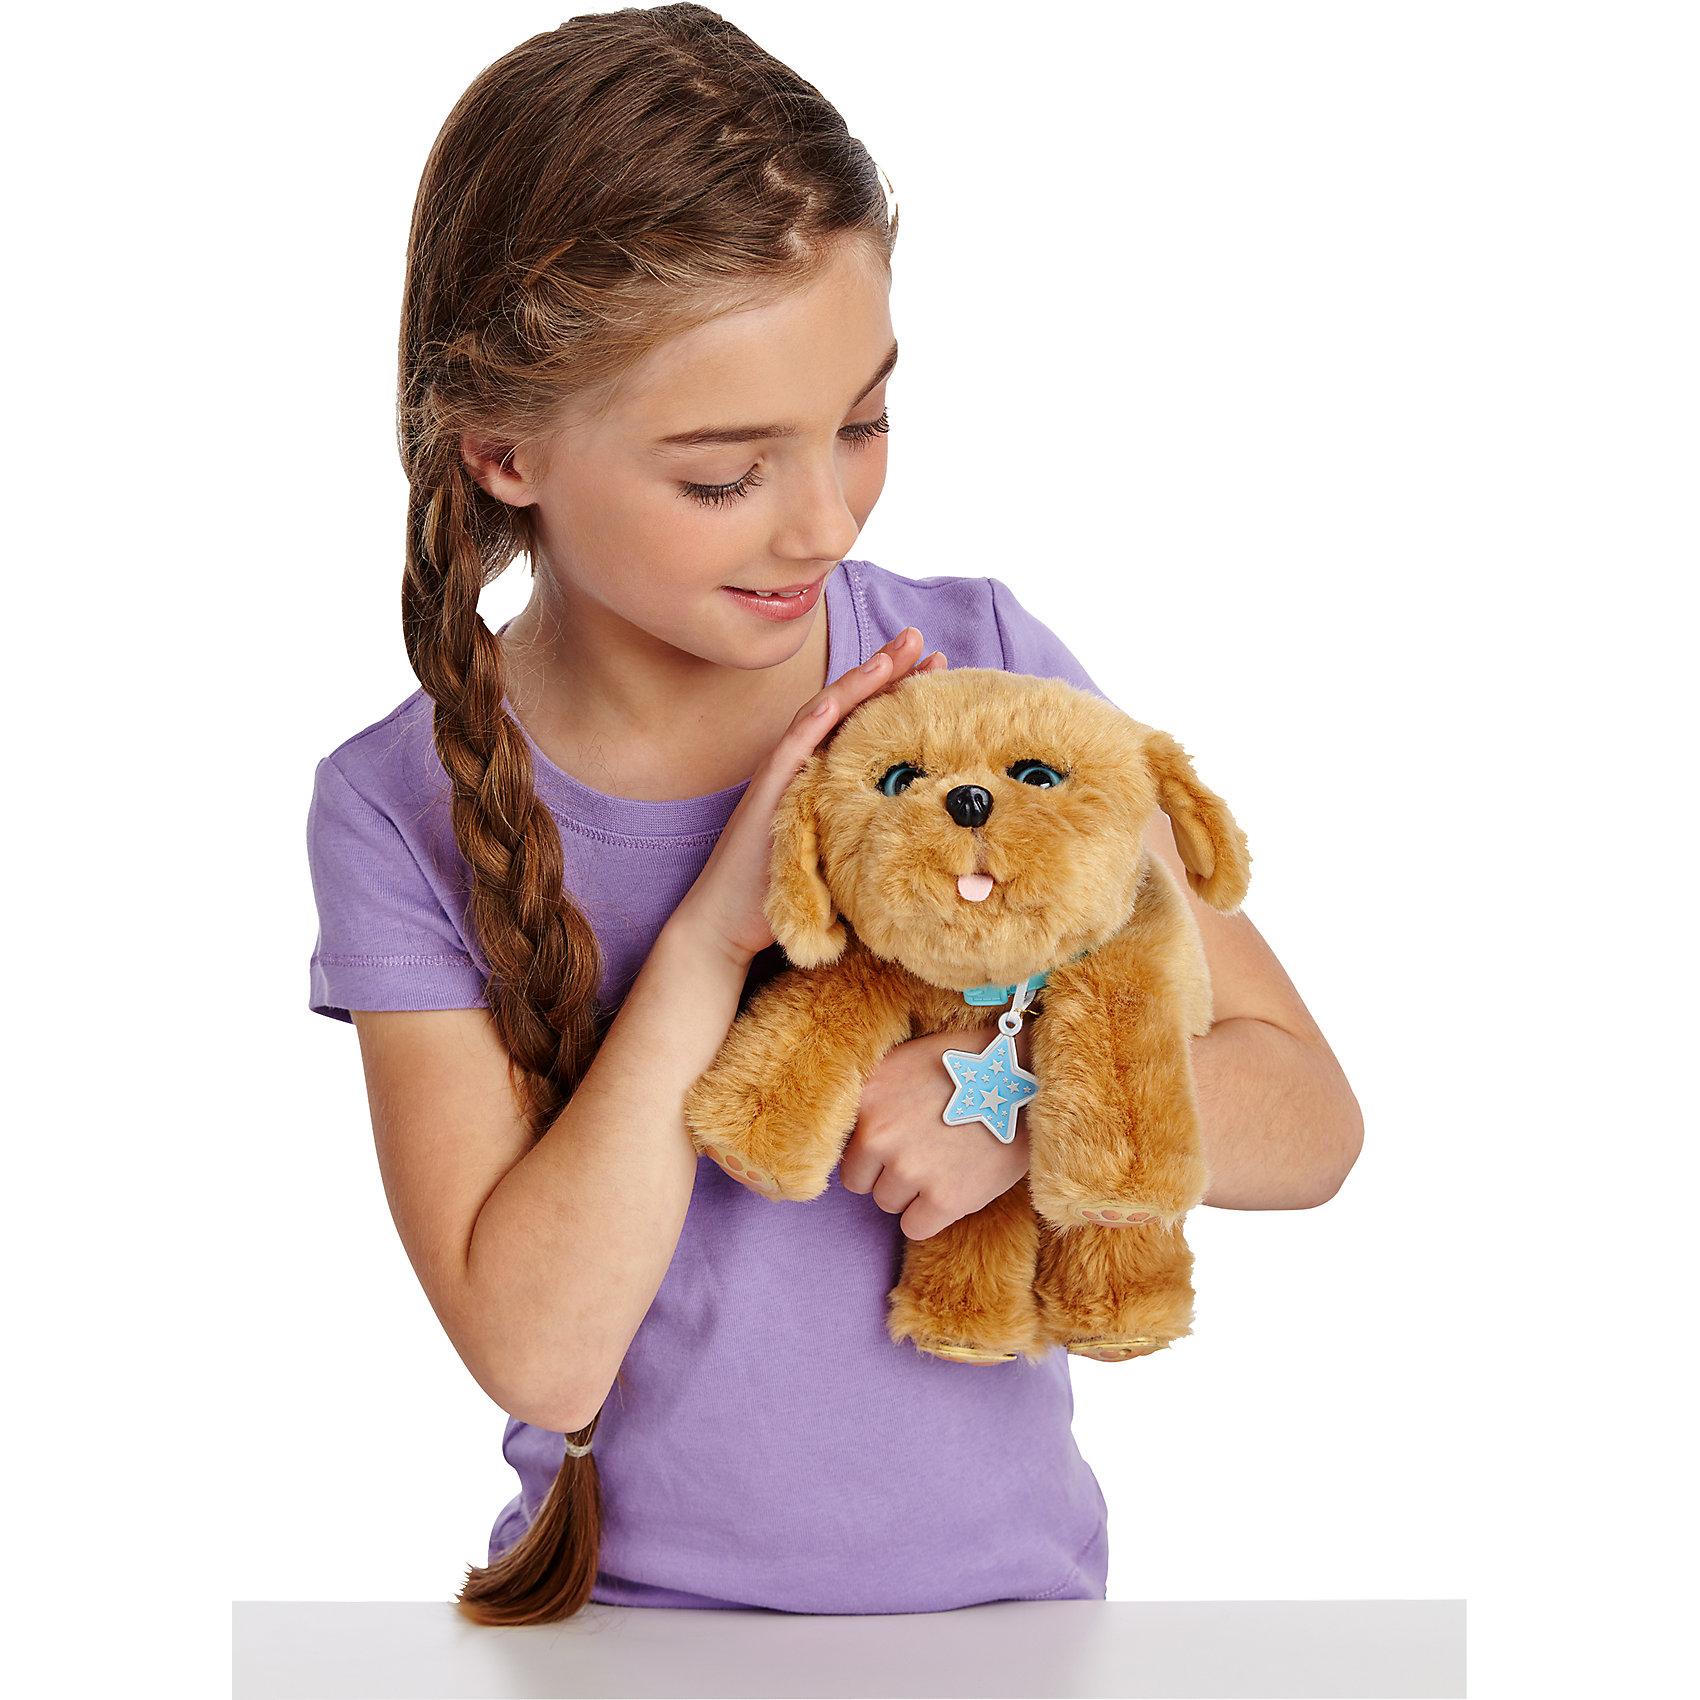 Щенок моей мечты, Little Live Pets, MooseКошки и собаки<br>Щенок моей мечты, Little Live Pets, Moose - интерактивная игрушка, которая, несомненно, станет лучшим другом ребенка. Она напоминает настоящего щенка и сможет приучить ребенка к заботе о животных в игровой форме.<br><br>Особенности:<br>- двигает головой<br>- закрывает и открывает глаза, если вы его погладите<br>- умеет радостно скулить и тявкать<br>- облизывает хозяина или хозяйку при нажатии на носик<br>- издает реалистичные звуки при кормлении из бутылочки<br>- посадите щенка и он попытает вас позвать, а затем закроет глазки и ляжет спать<br>- приятен на ощупь<br><br>Дополнительная информация:<br>Размер: 25 см<br>Батарейки: ААА - 4 шт. (входят в комплект)<br>Материал: пластик, плюш<br><br>Вы можете приобрести Щенка моей мечты, Little Live Pets, Moose в нашем интернет-магазине.<br><br>Ширина мм: 323<br>Глубина мм: 312<br>Высота мм: 185<br>Вес г: 933<br>Возраст от месяцев: 60<br>Возраст до месяцев: 84<br>Пол: Женский<br>Возраст: Детский<br>SKU: 4898516